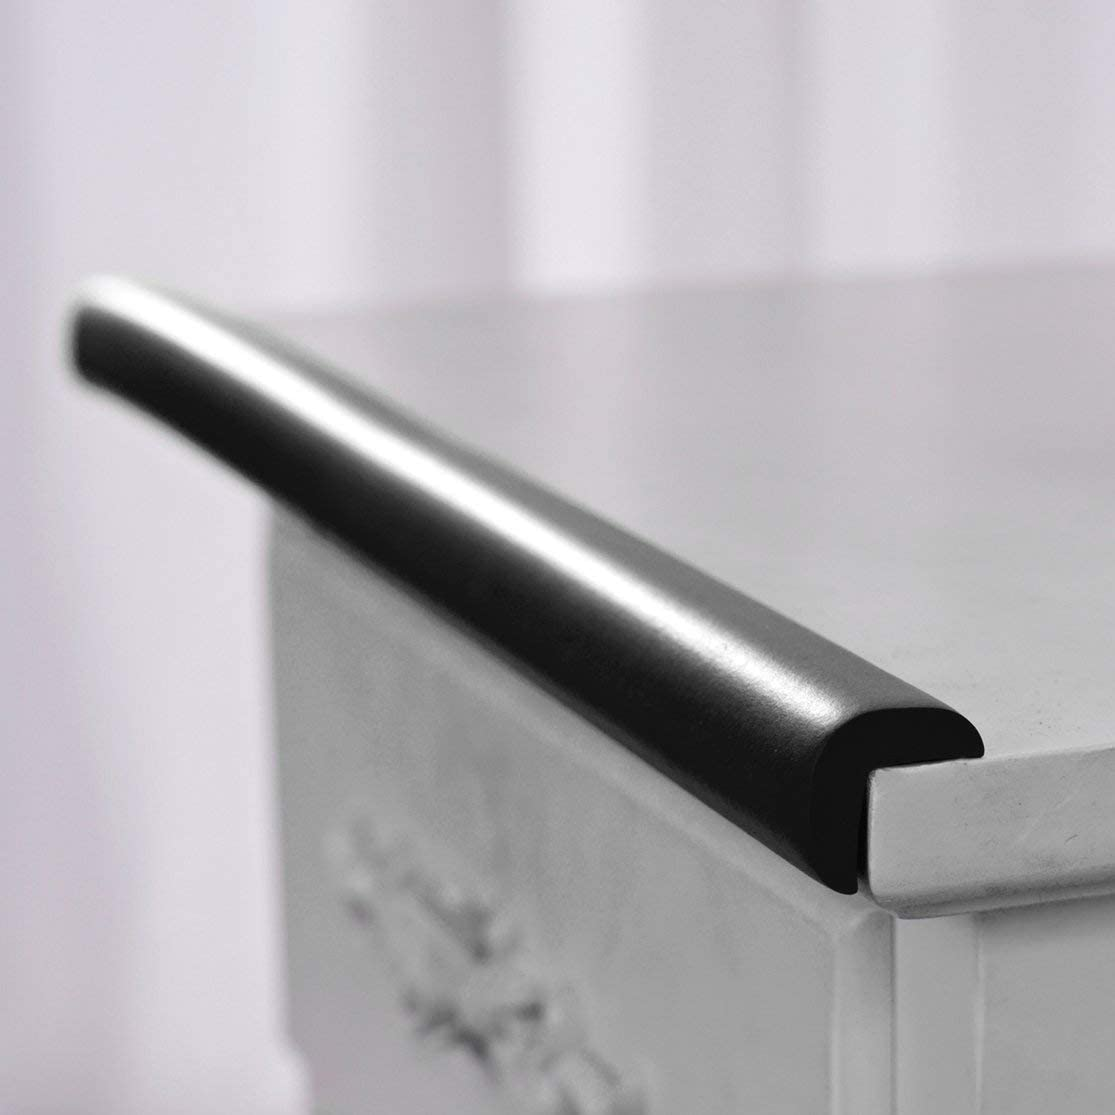 LouiseEvel215 2 M U Forme Extra /Épaisse Meubles Bord De Table Corne r Protections Protecteur De Couverture De Bureau Mousse B/éb/é S/écurit/é Bumper Guard